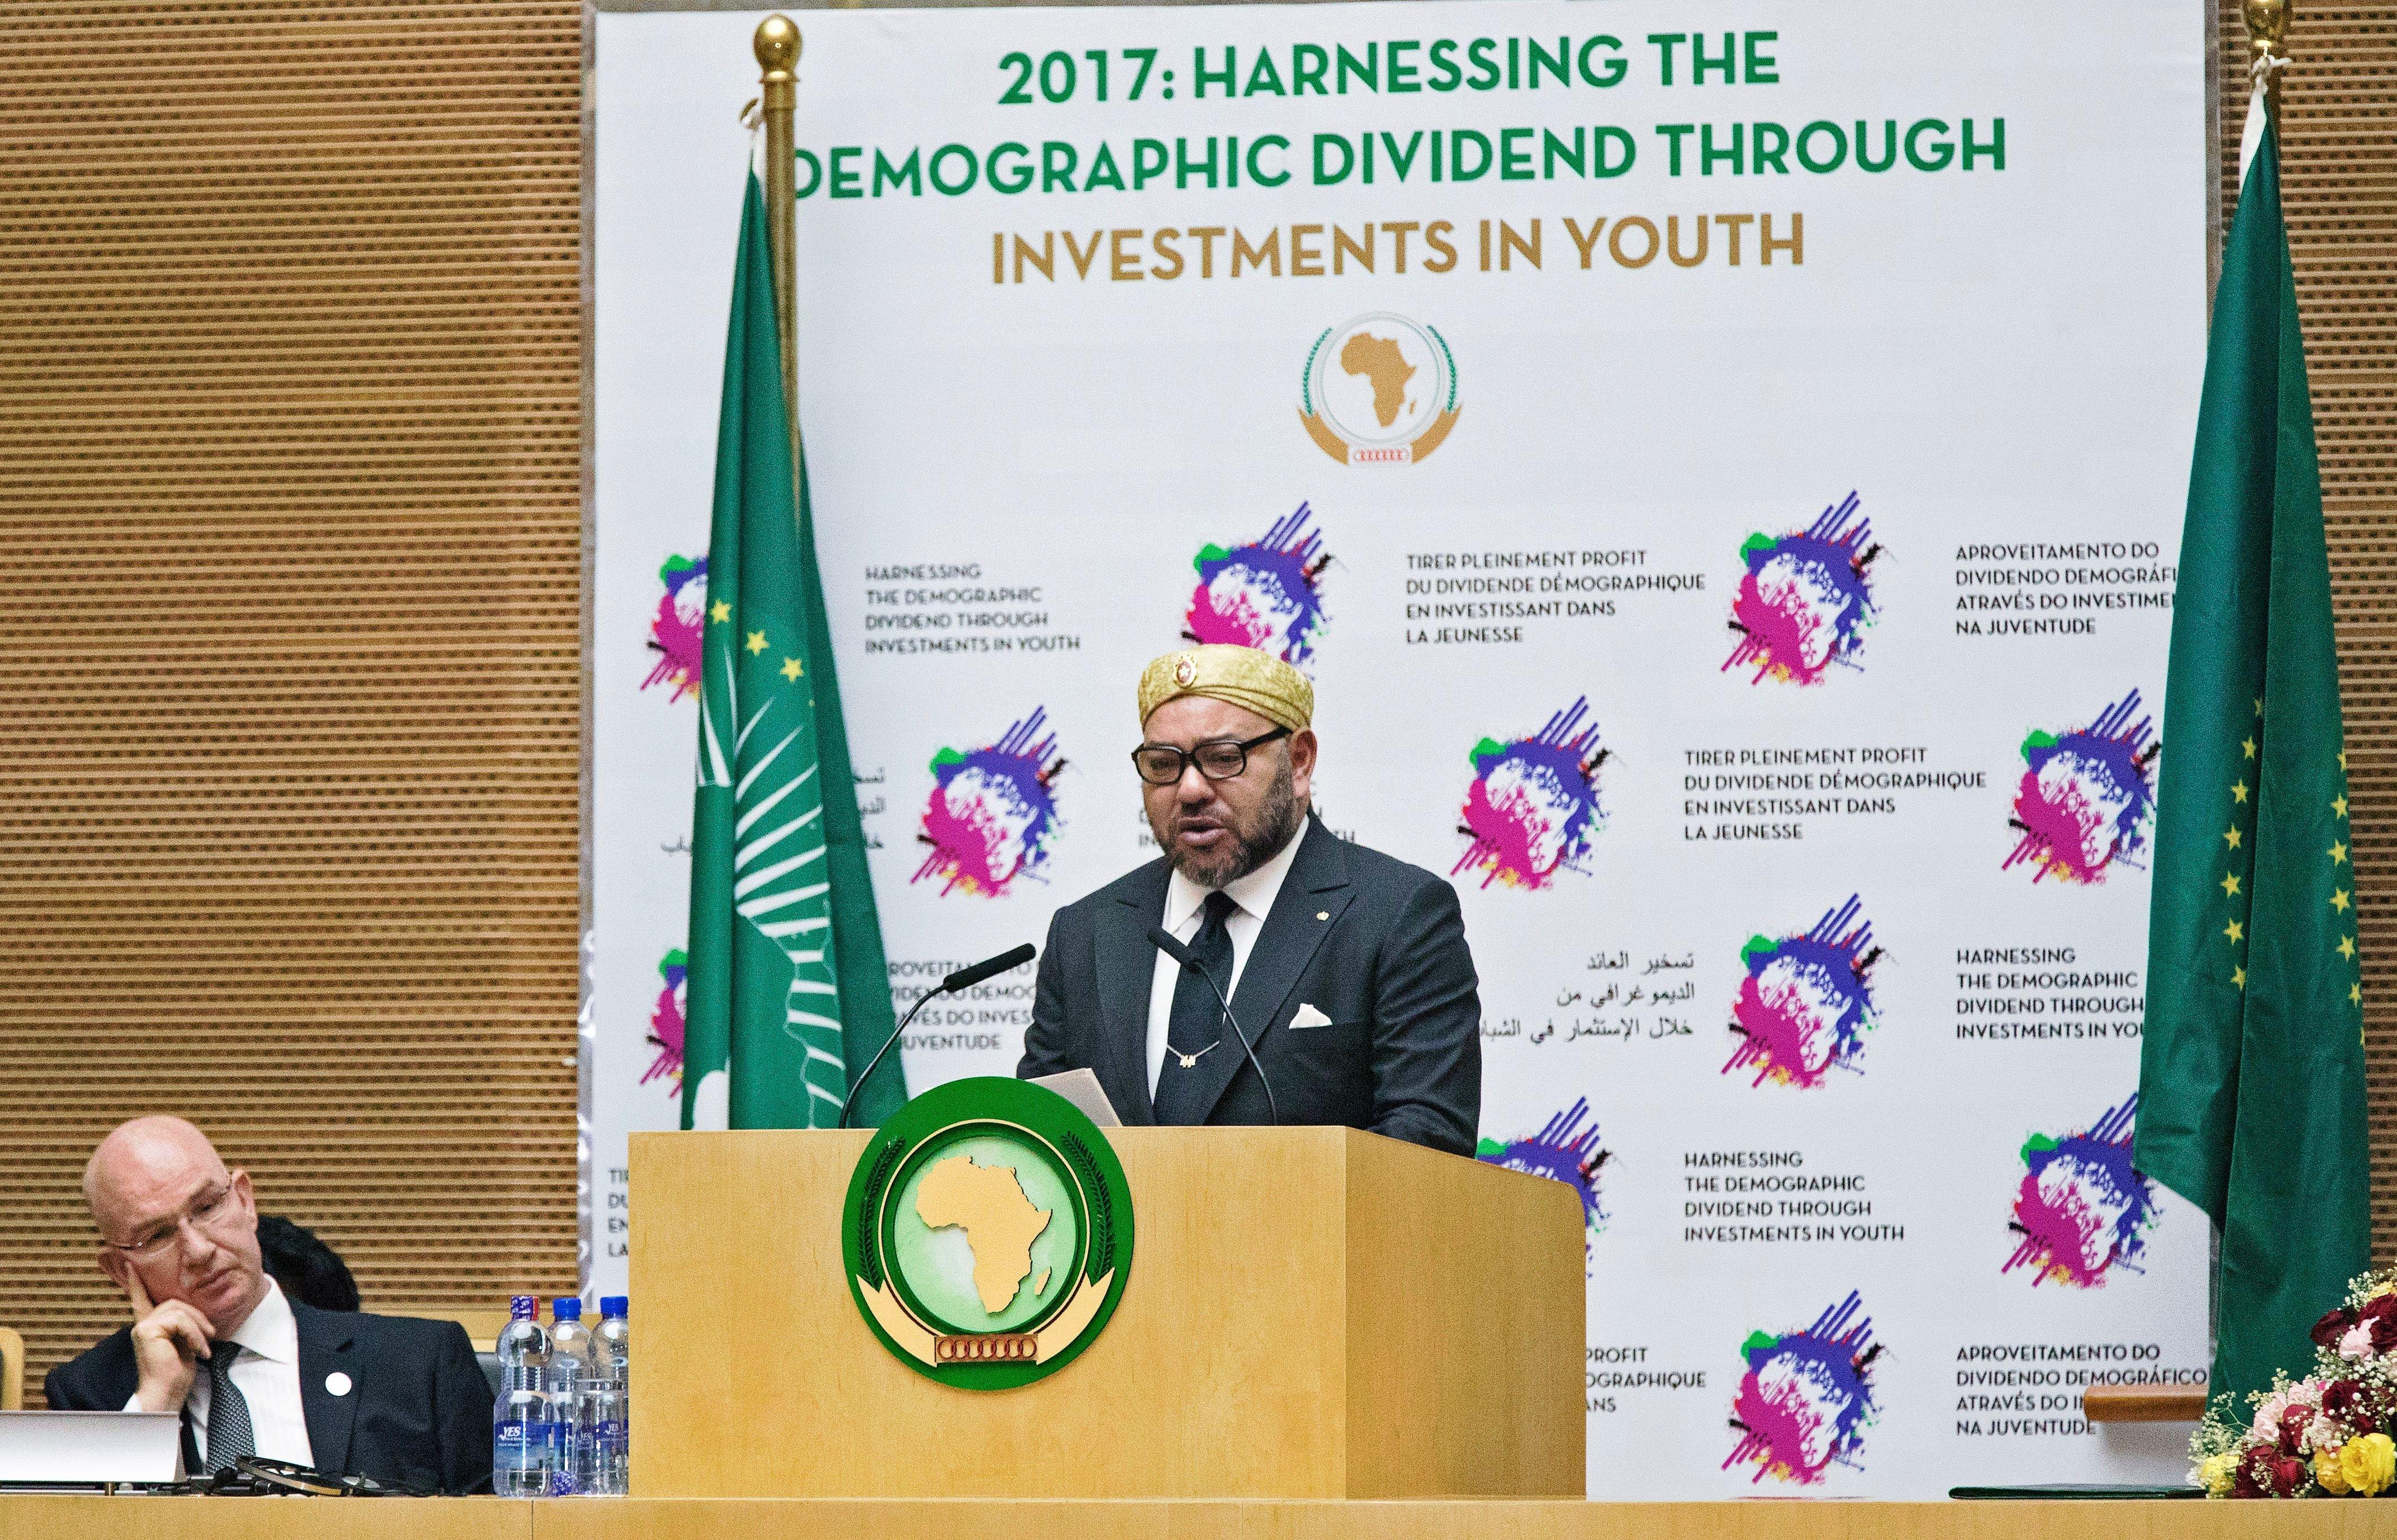 Le roi Mohammed VI lors du 28e sommet de l'Union africaine à Addis Abeba en Ethiopie, le 31 janvier